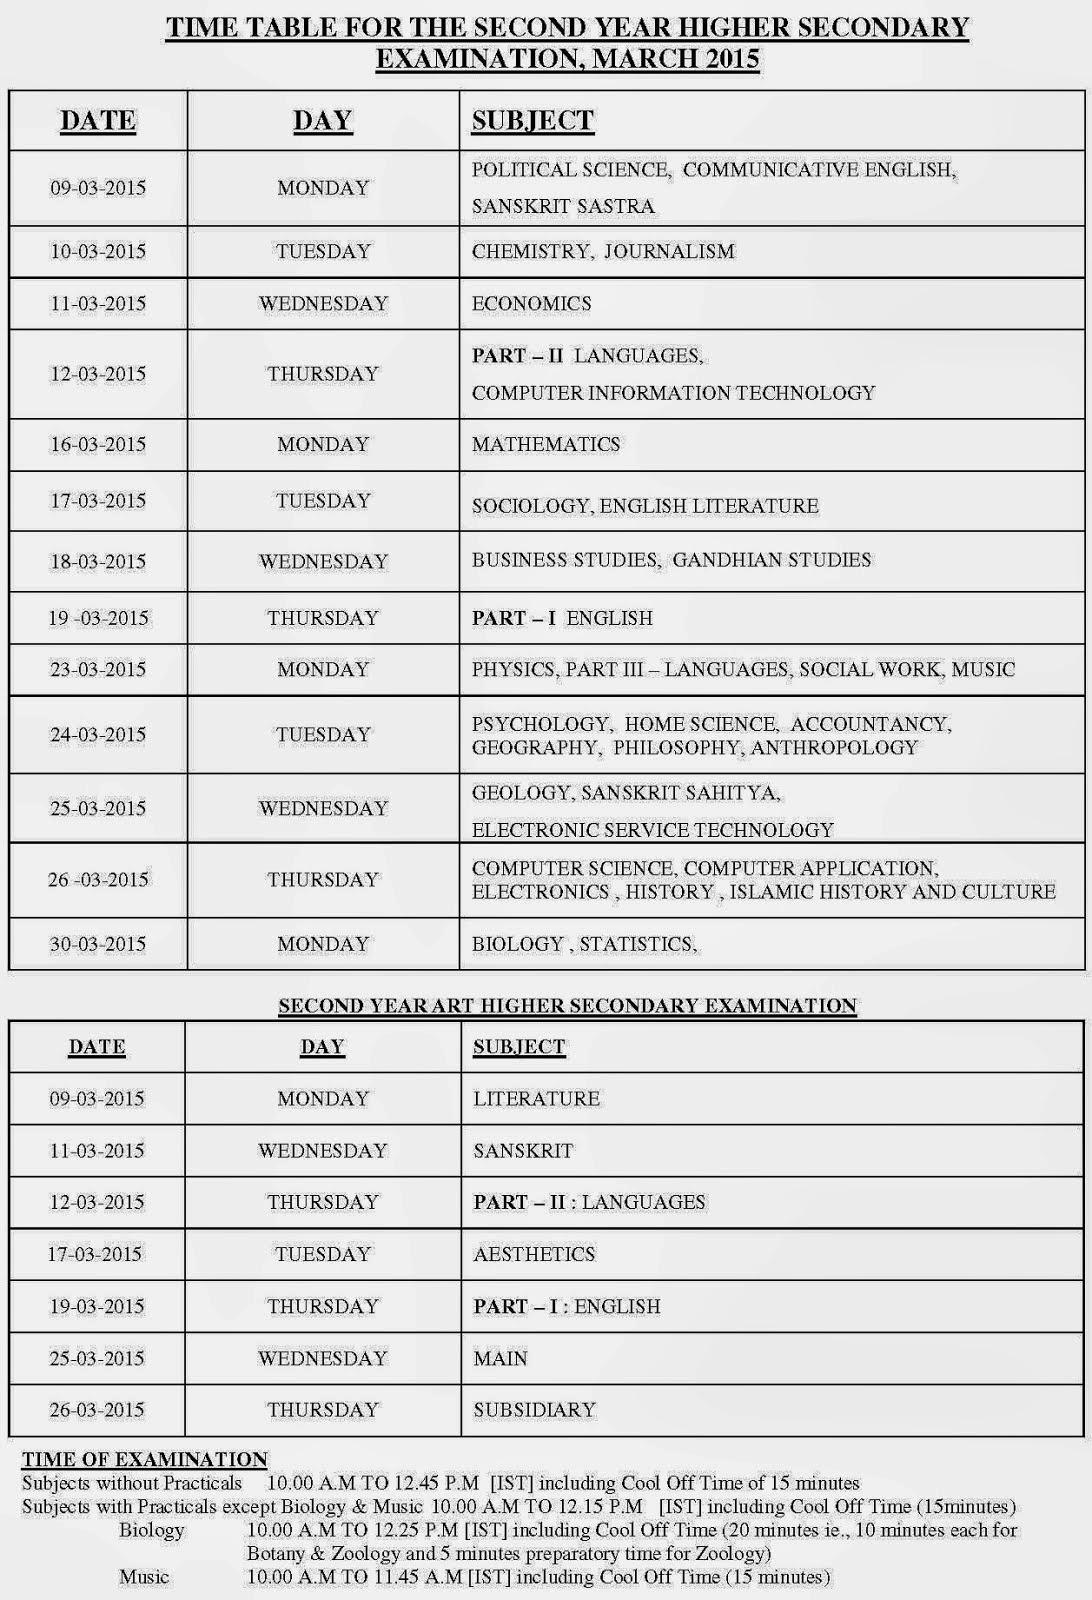 dhse kerala hse 2015 timetable